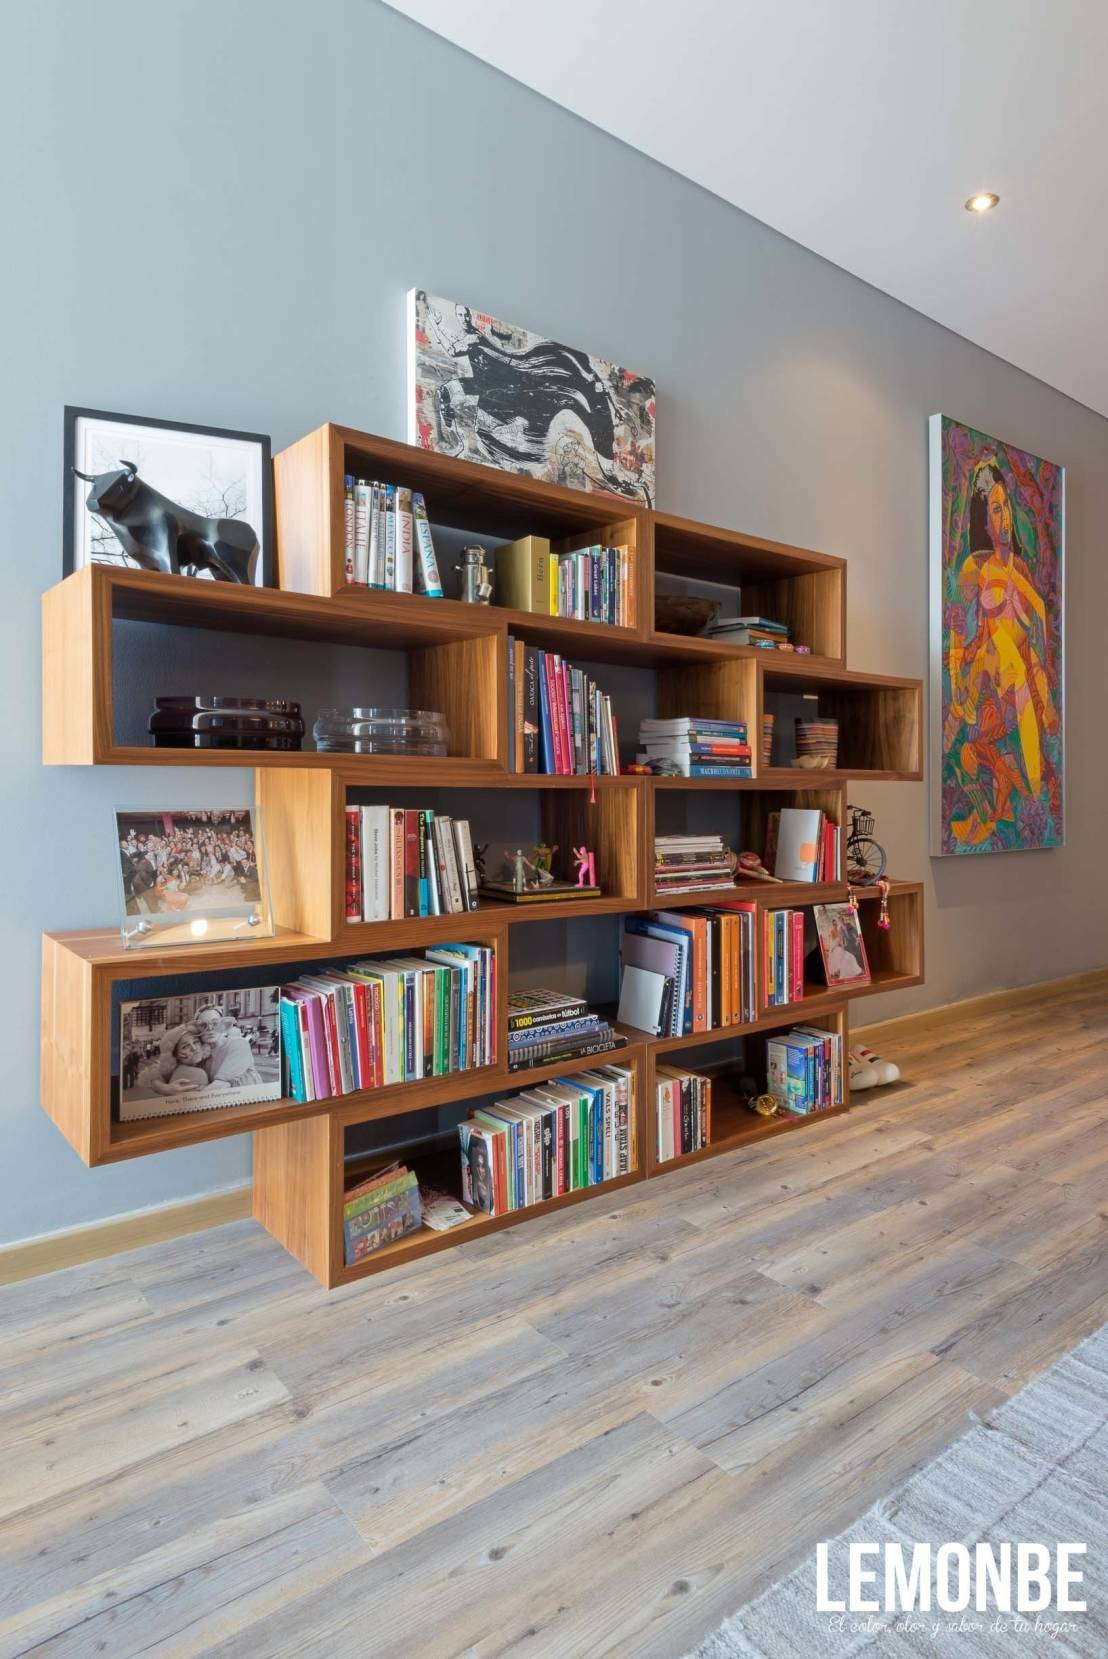 Peque as ideas para decorar los pasillos de tu casa for Ideas para decorar la casa de tucuman